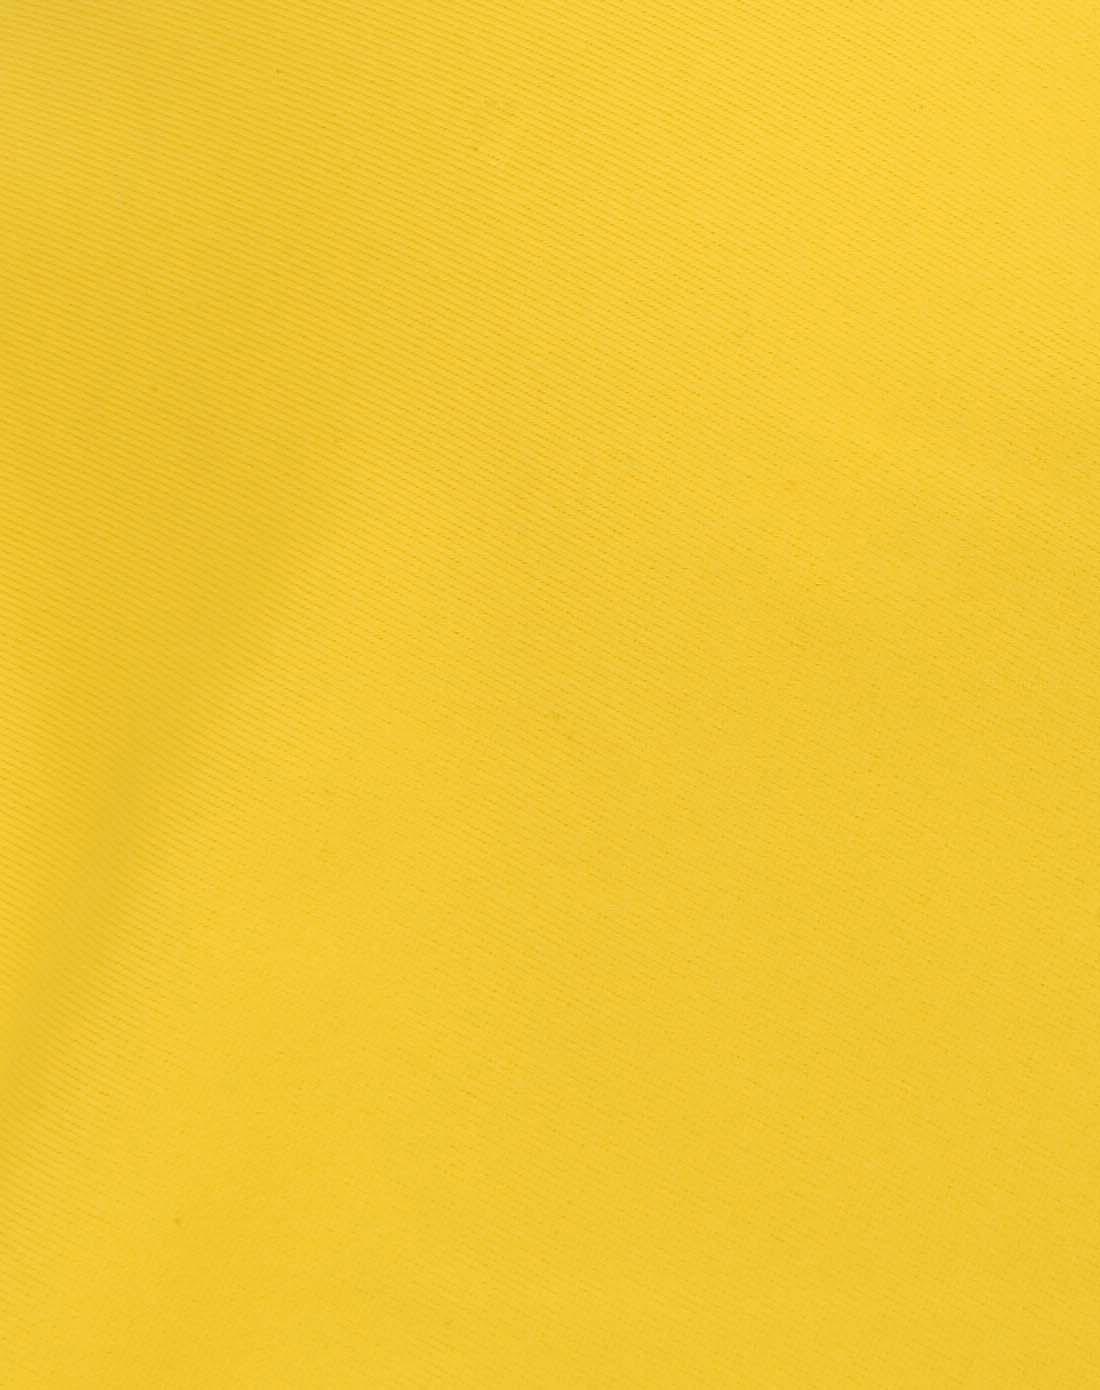 黄色囹?a???9??:l?_diana & rue royale diana混合专场 > nuotando diana 女士亮黄色泳衣